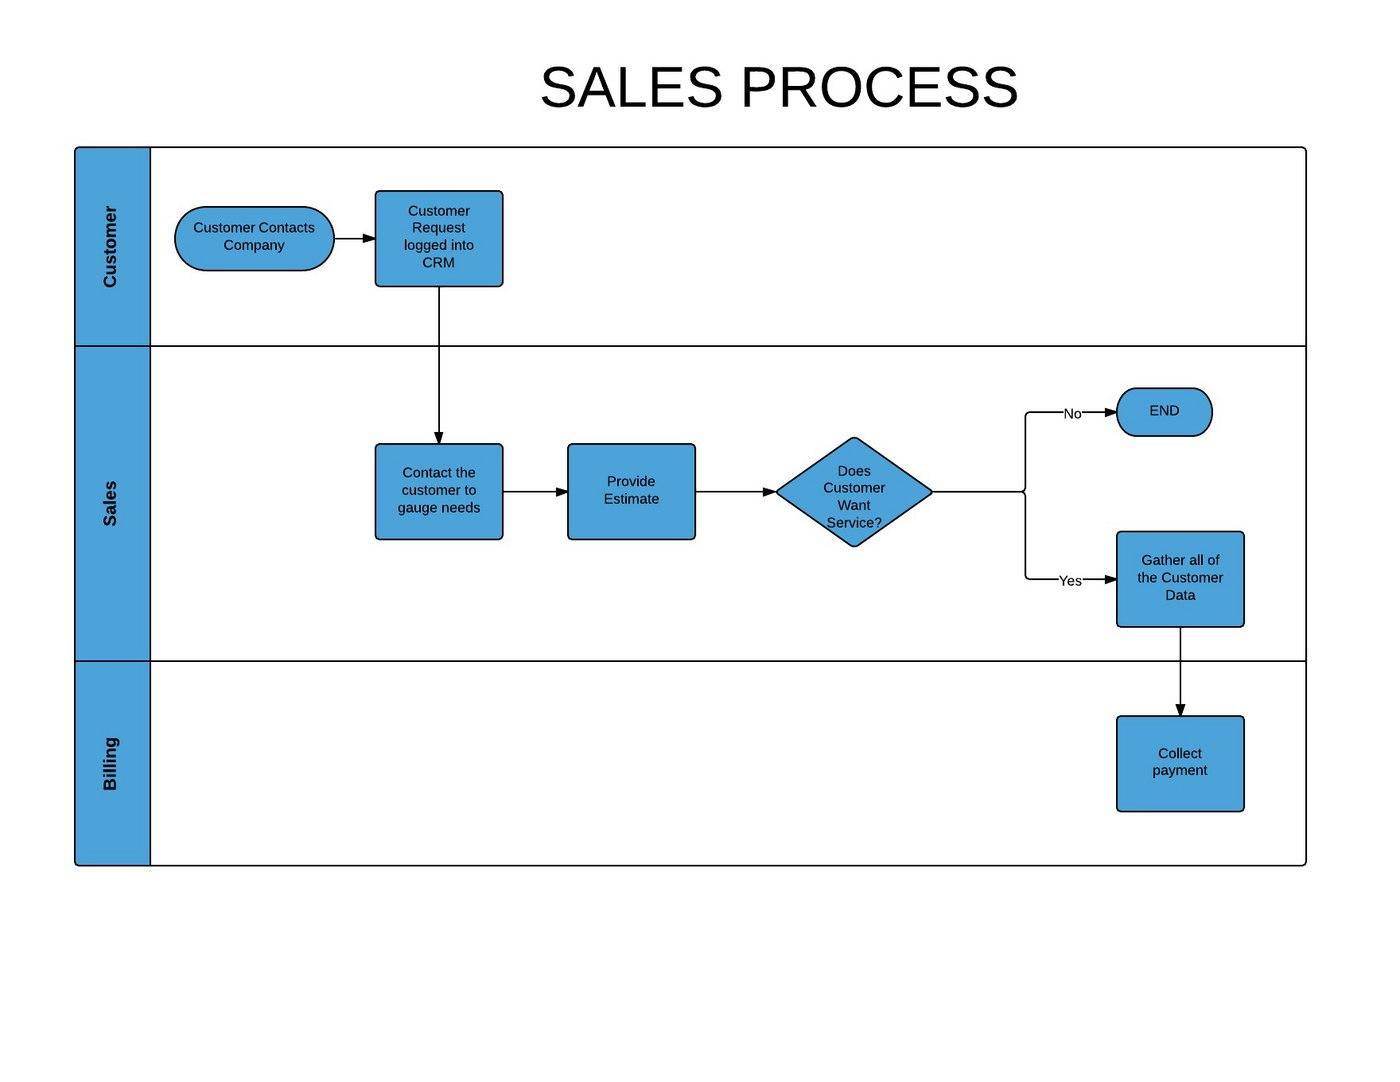 Sales Process Flow Diagram Visio Wiring Diagram Portal